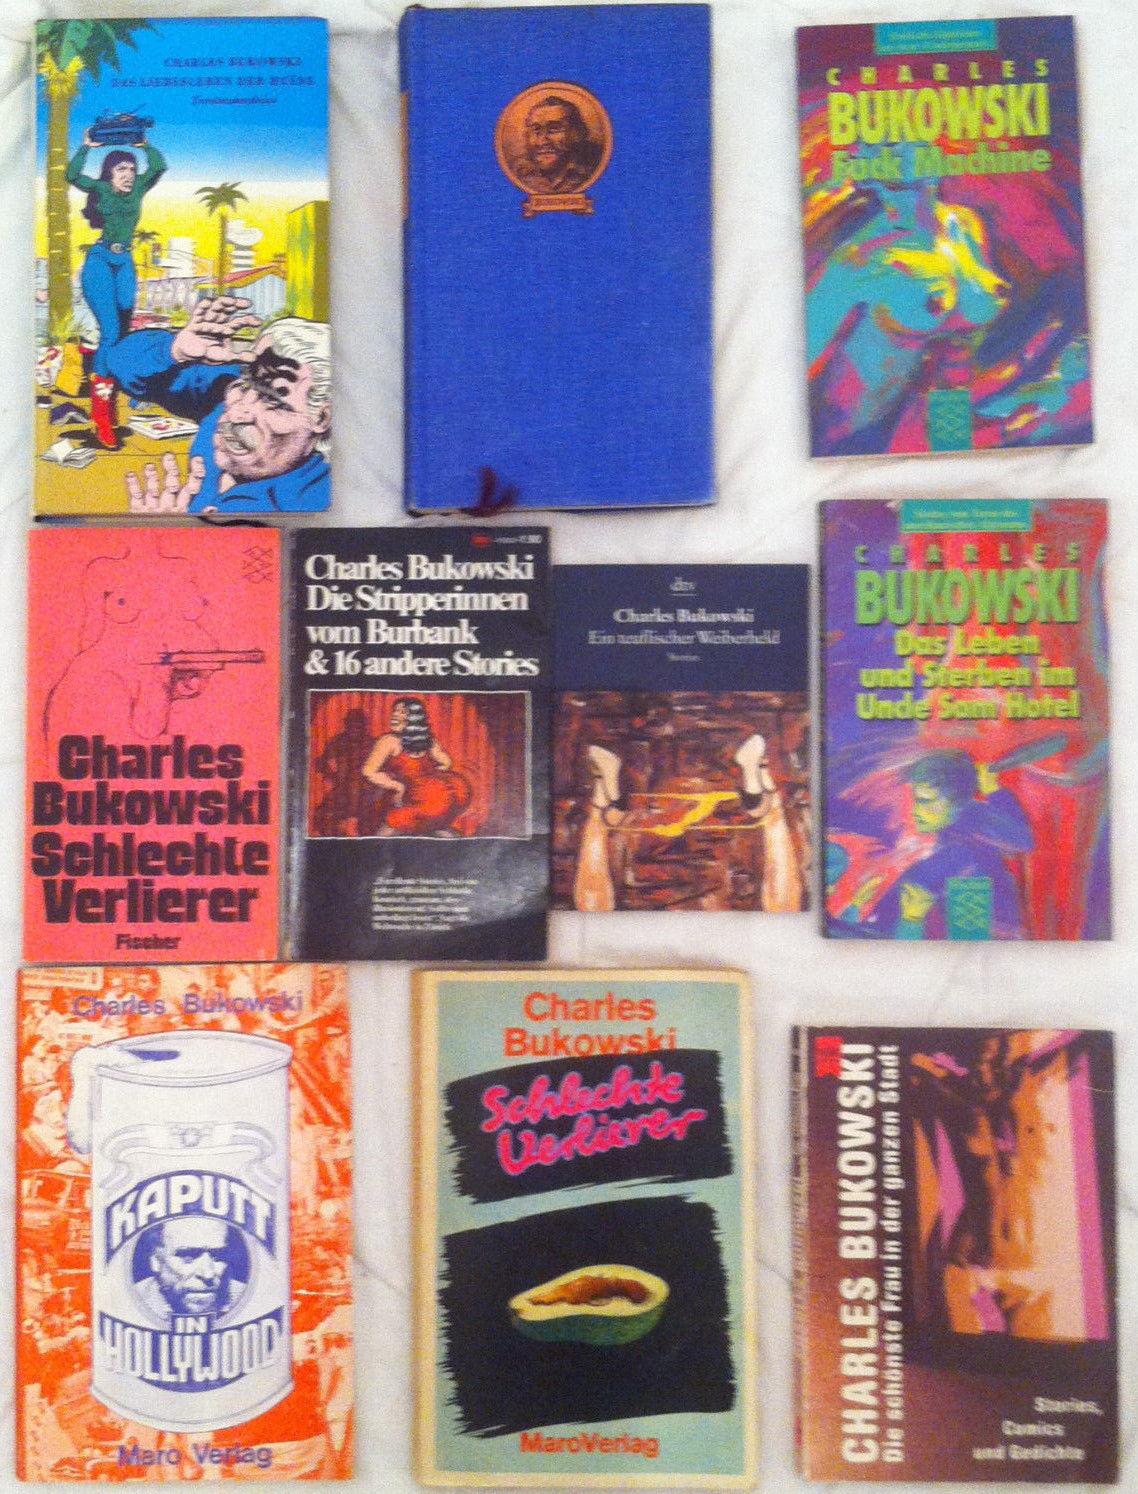 Sammlung 10x Charles Bukowski Lot gebraucht gebunden Taschenbücher mit Erstausg.